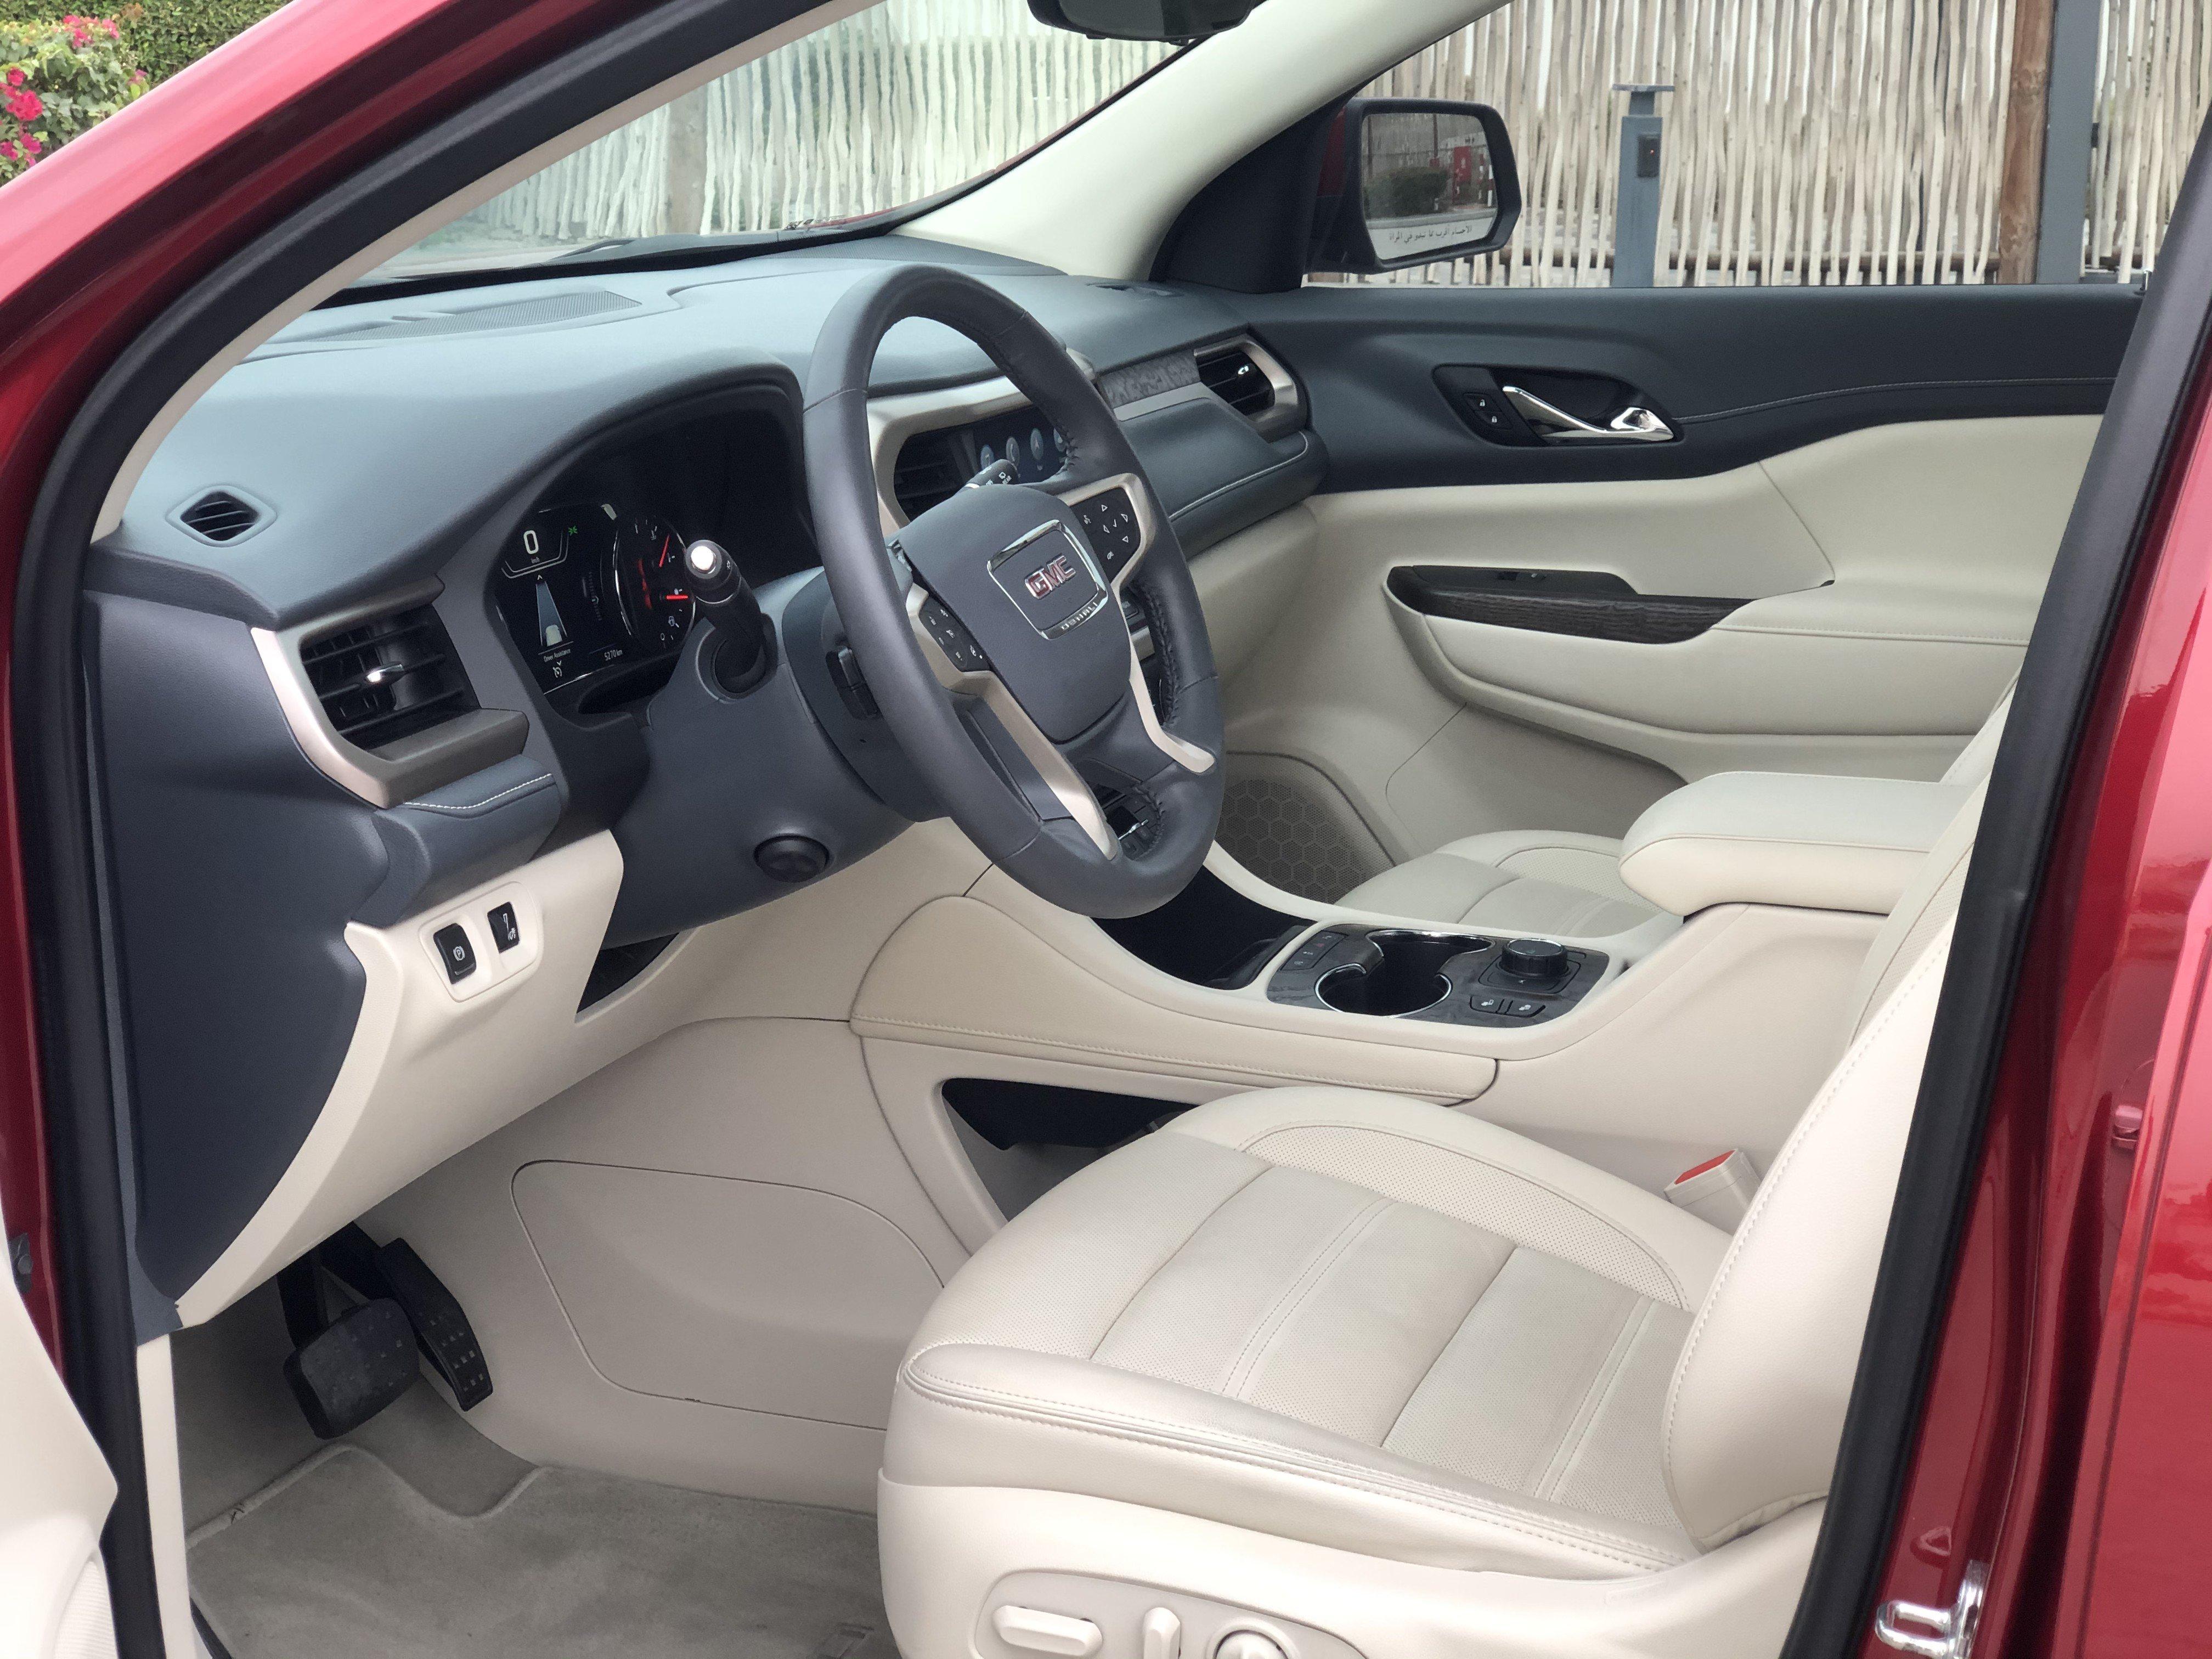 GMC Arcadia 2020 Interior